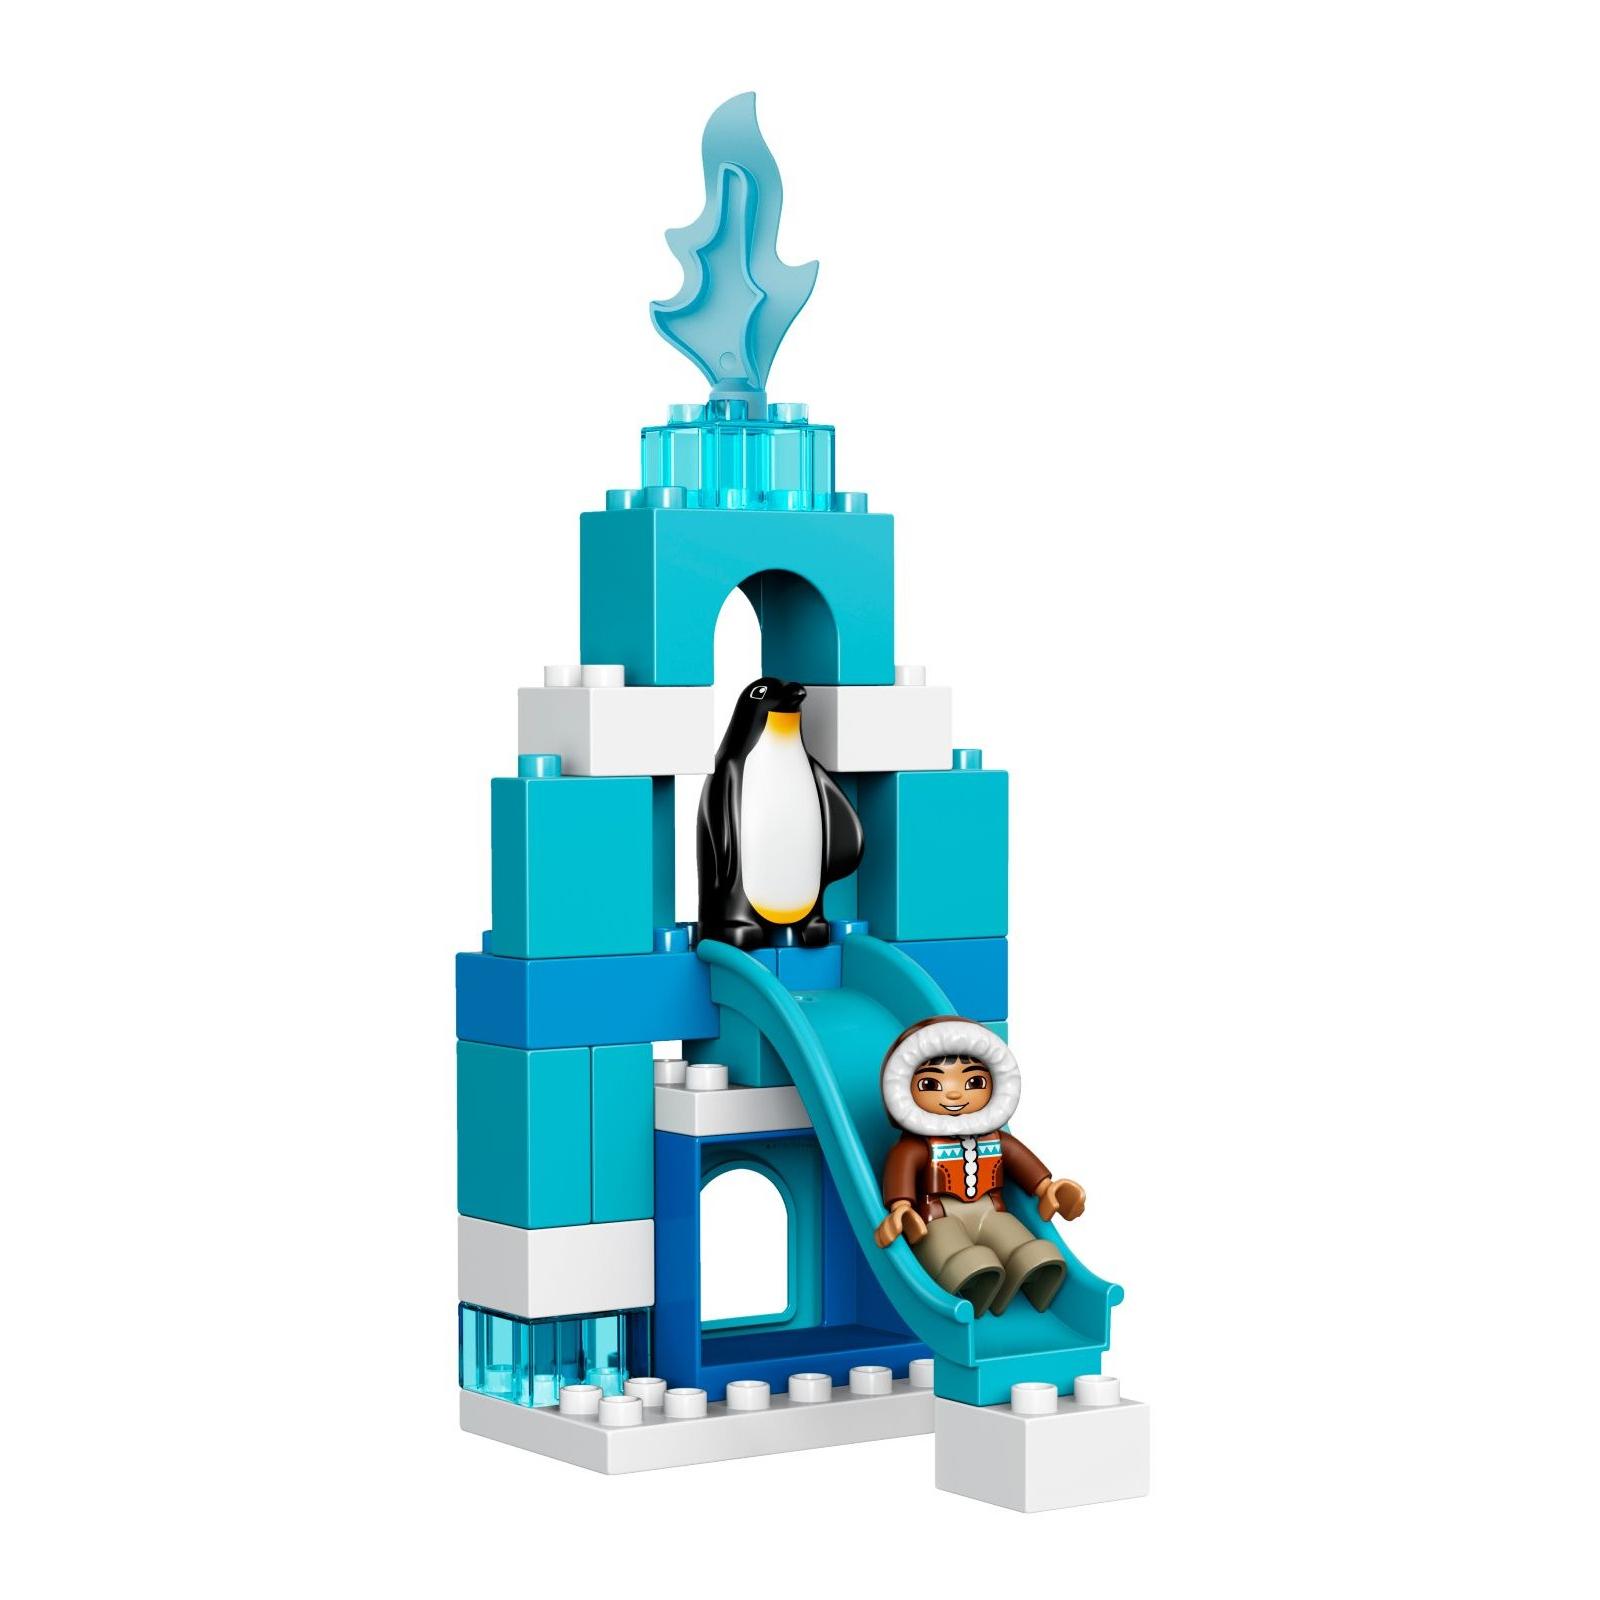 Конструктор LEGO Duplo Town Вокруг света (10805) изображение 6